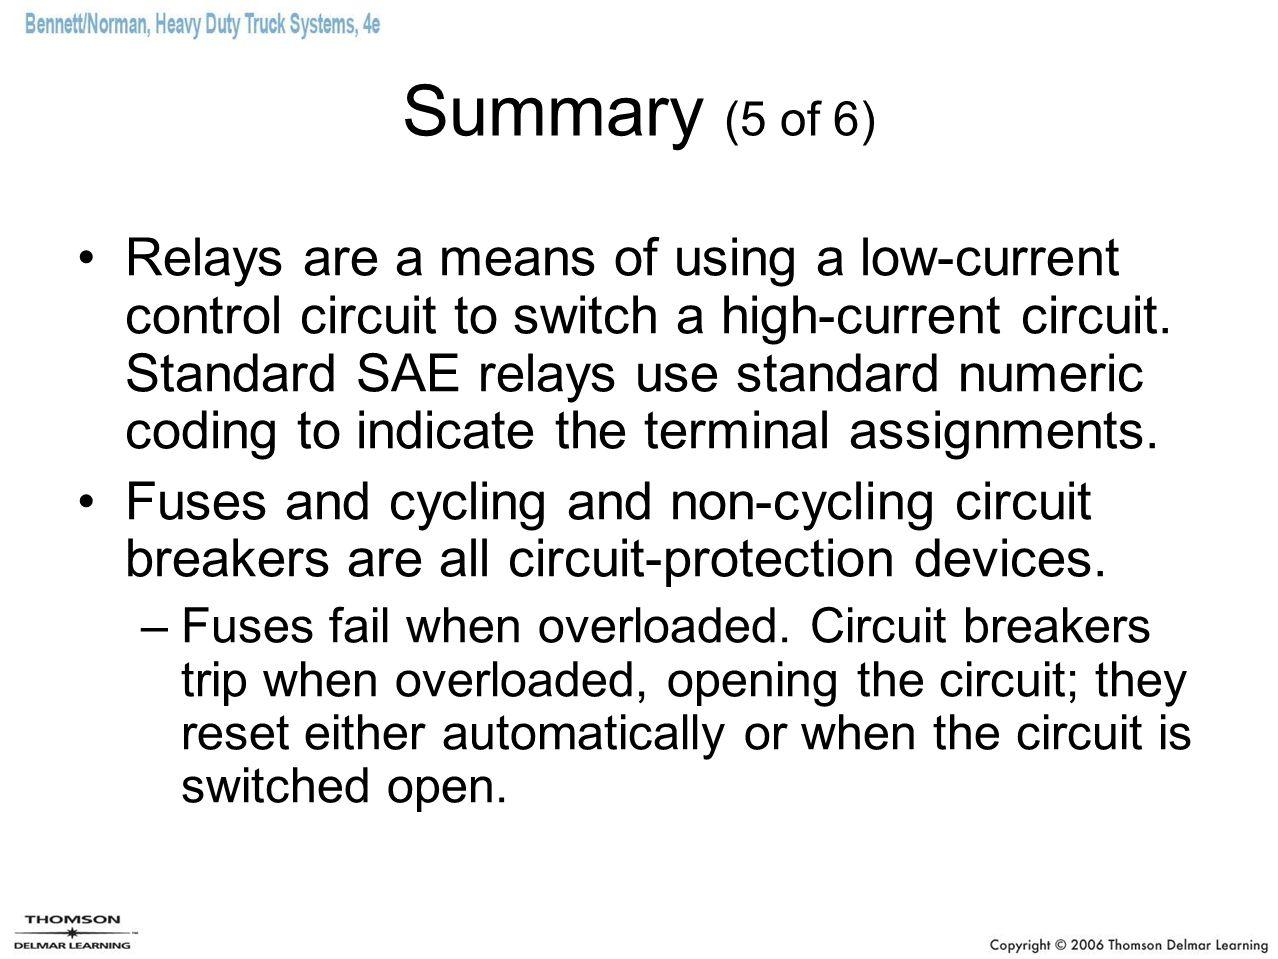 Summary (5 of 6)